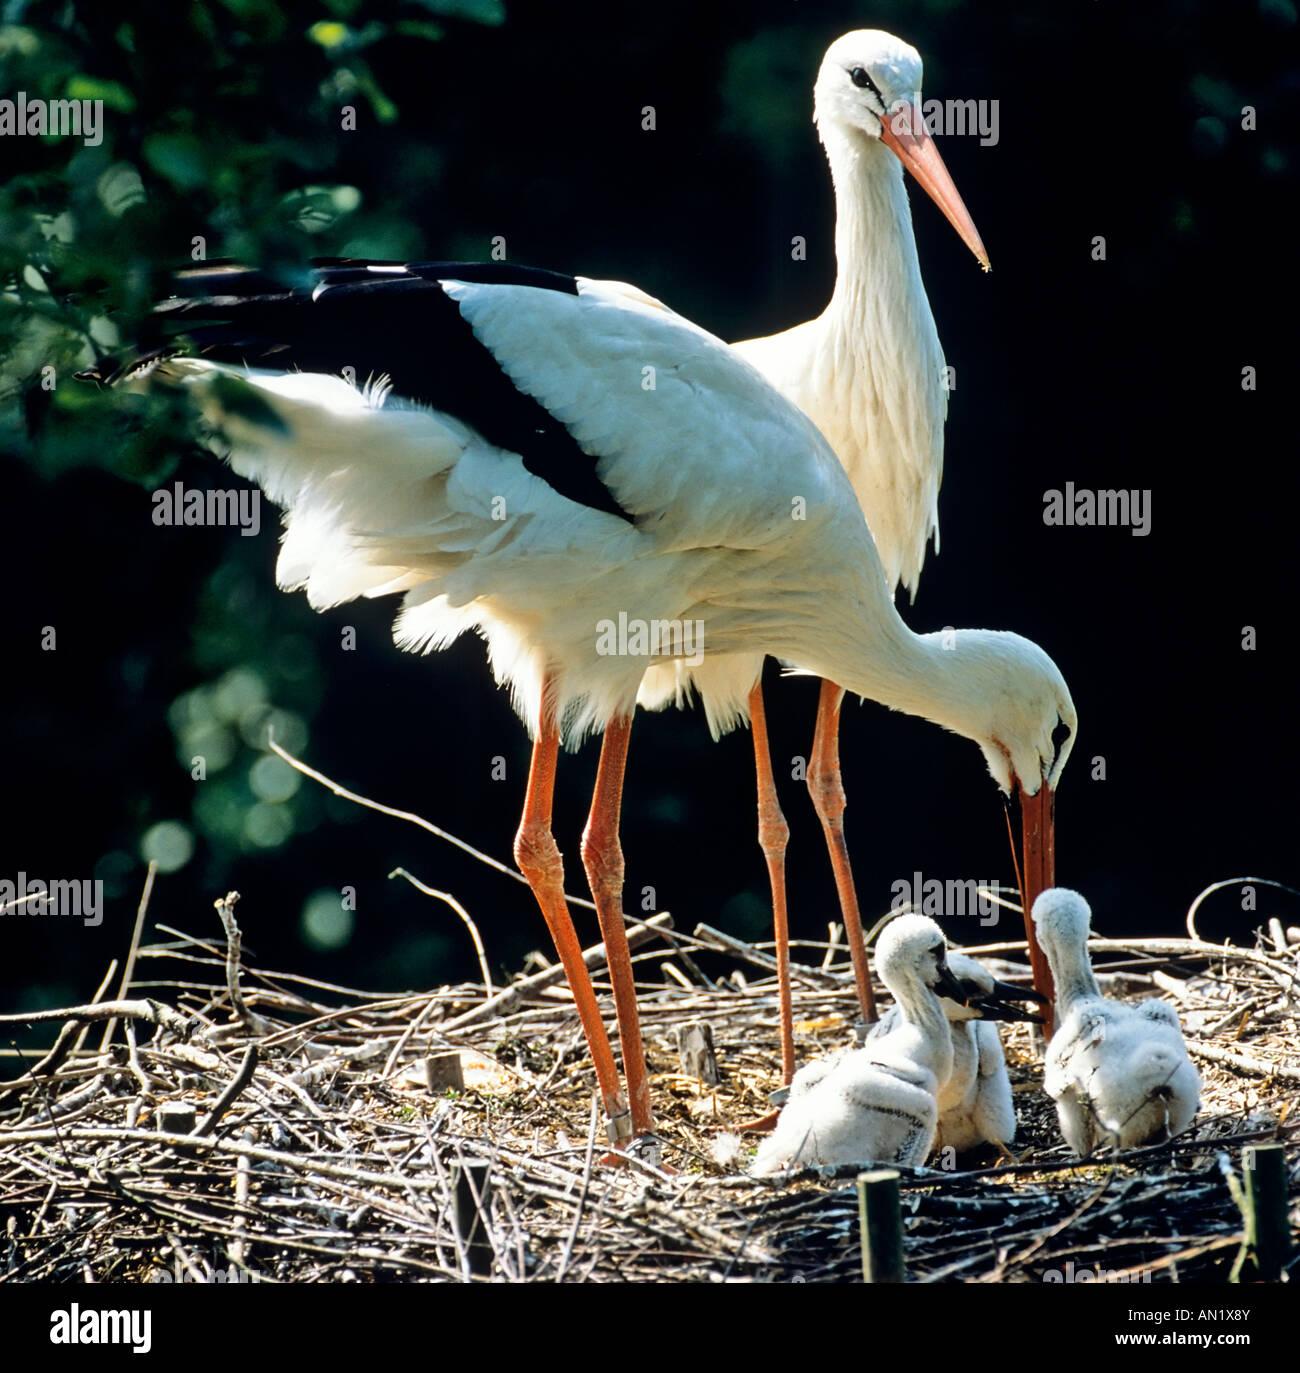 Weissstoerche mit wenige Tage alten Jungen White storks ciconia ciconia at nest Stock Photo